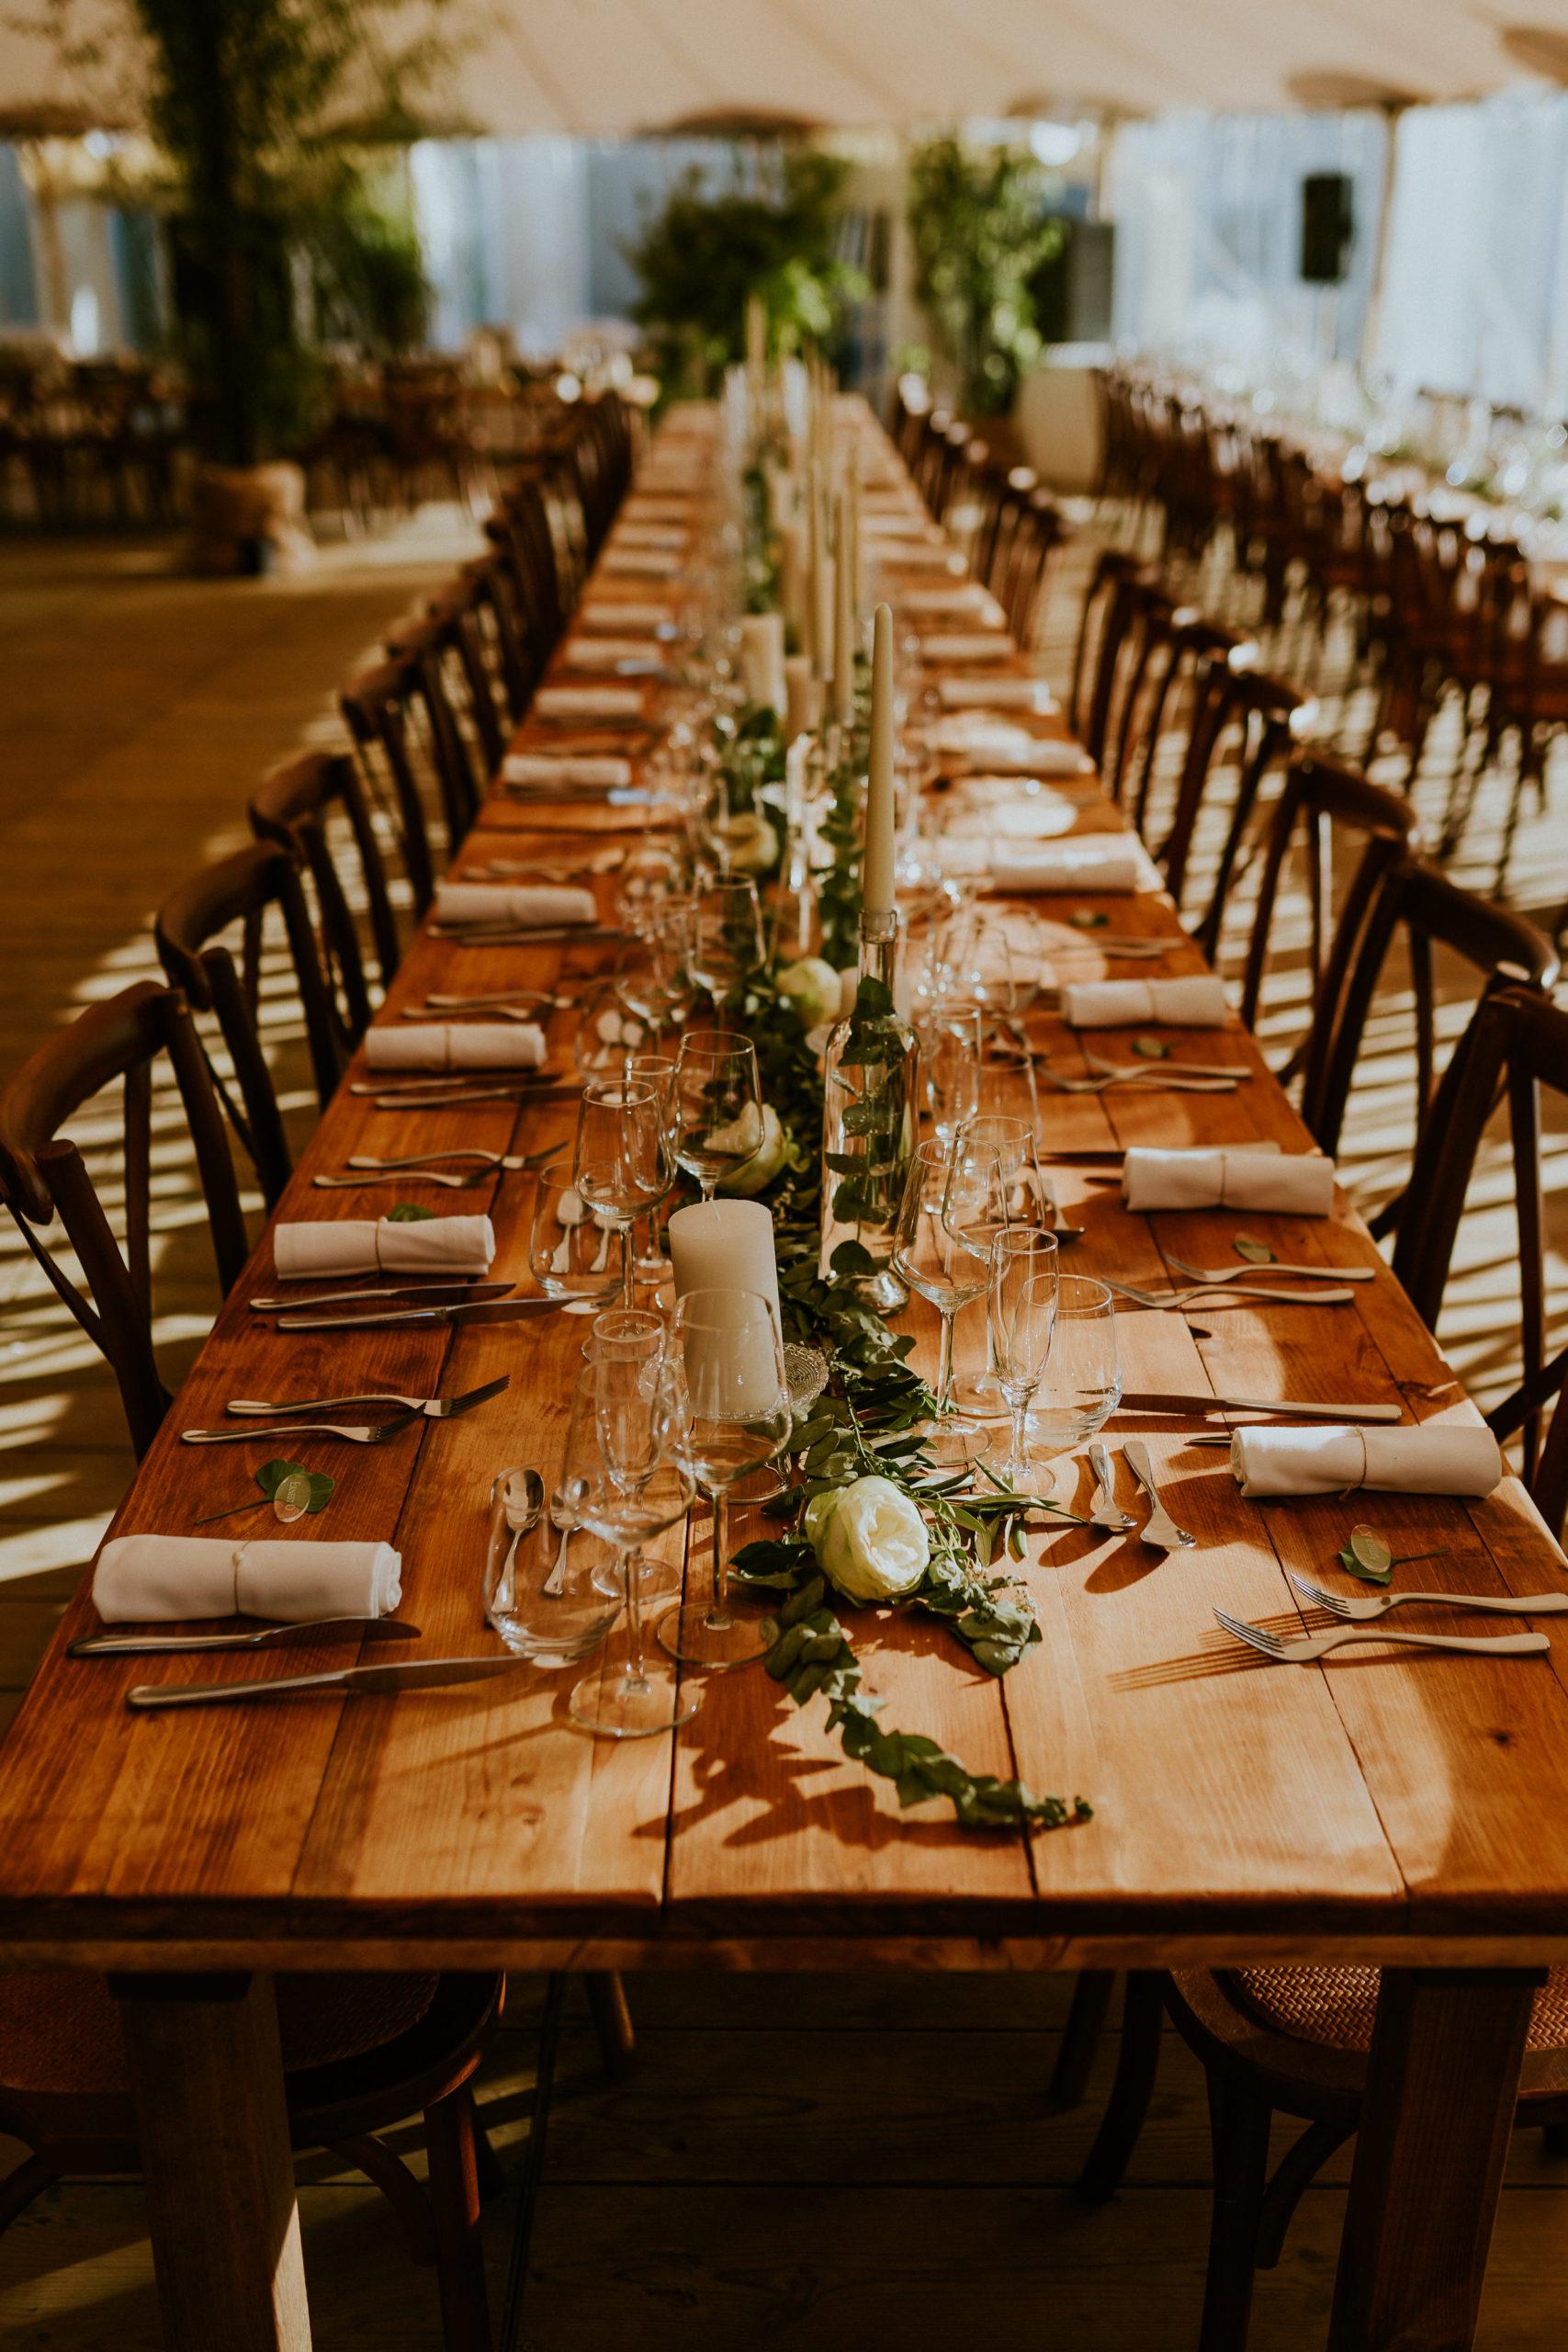 décoration de table de mariage - décoration à l'esprit végétal - mariage en Normandie - CREDIT PHOTO : Nicolas Desvages